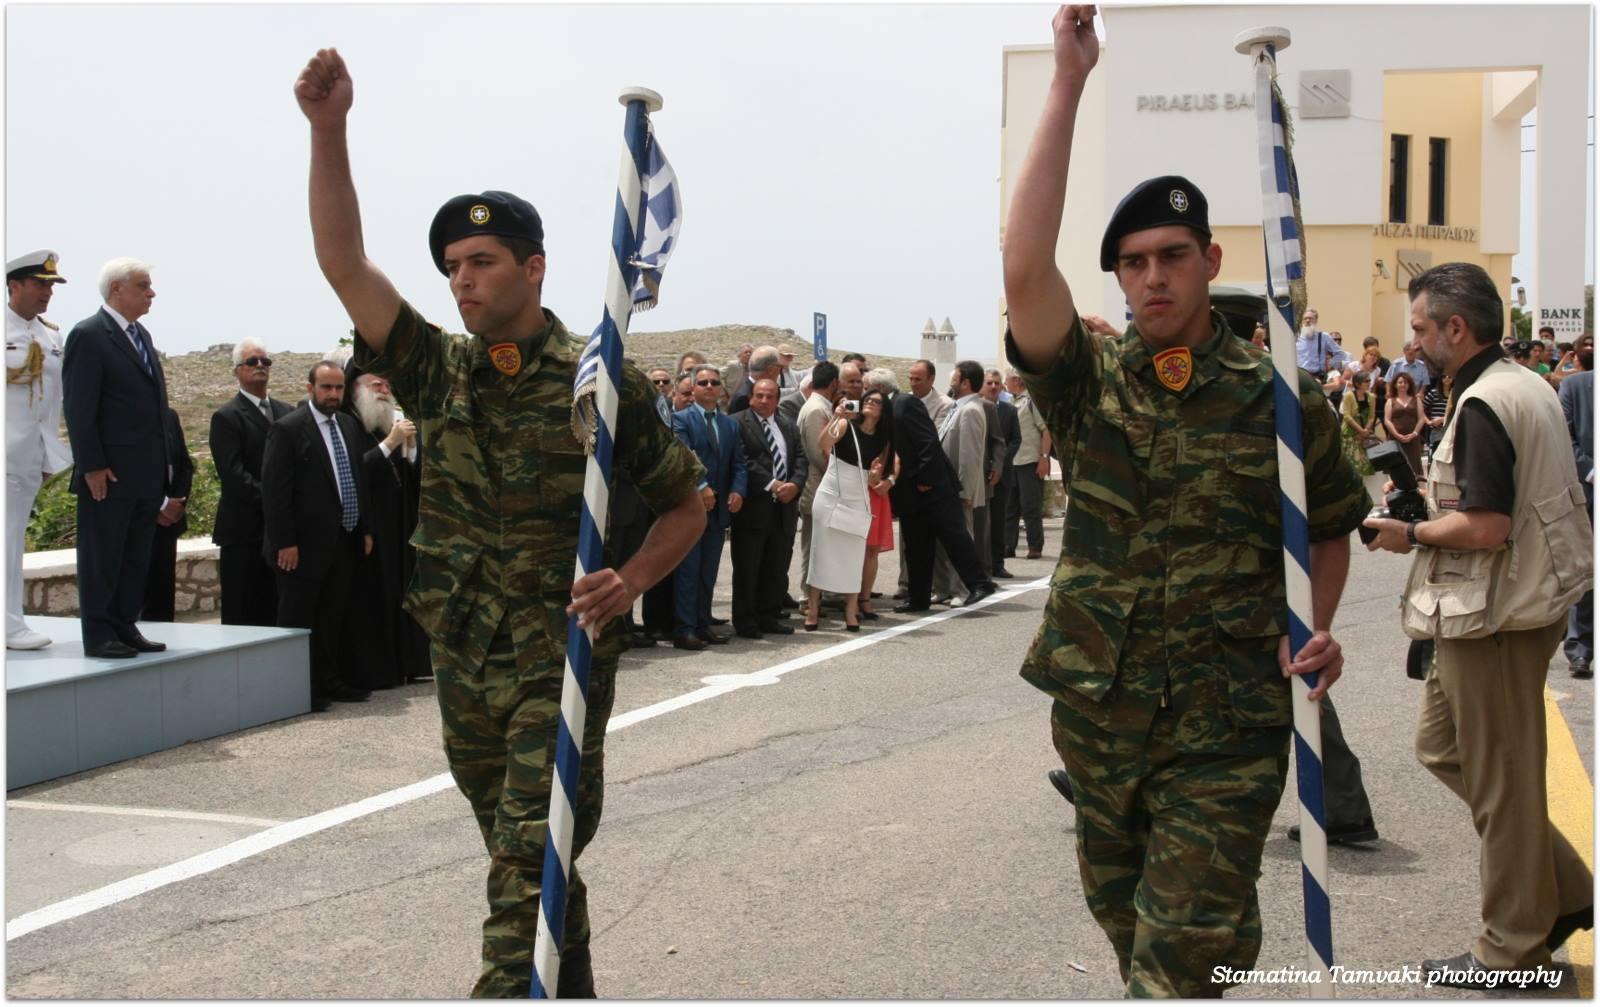 De president kwam met zijn militaire gevolg.